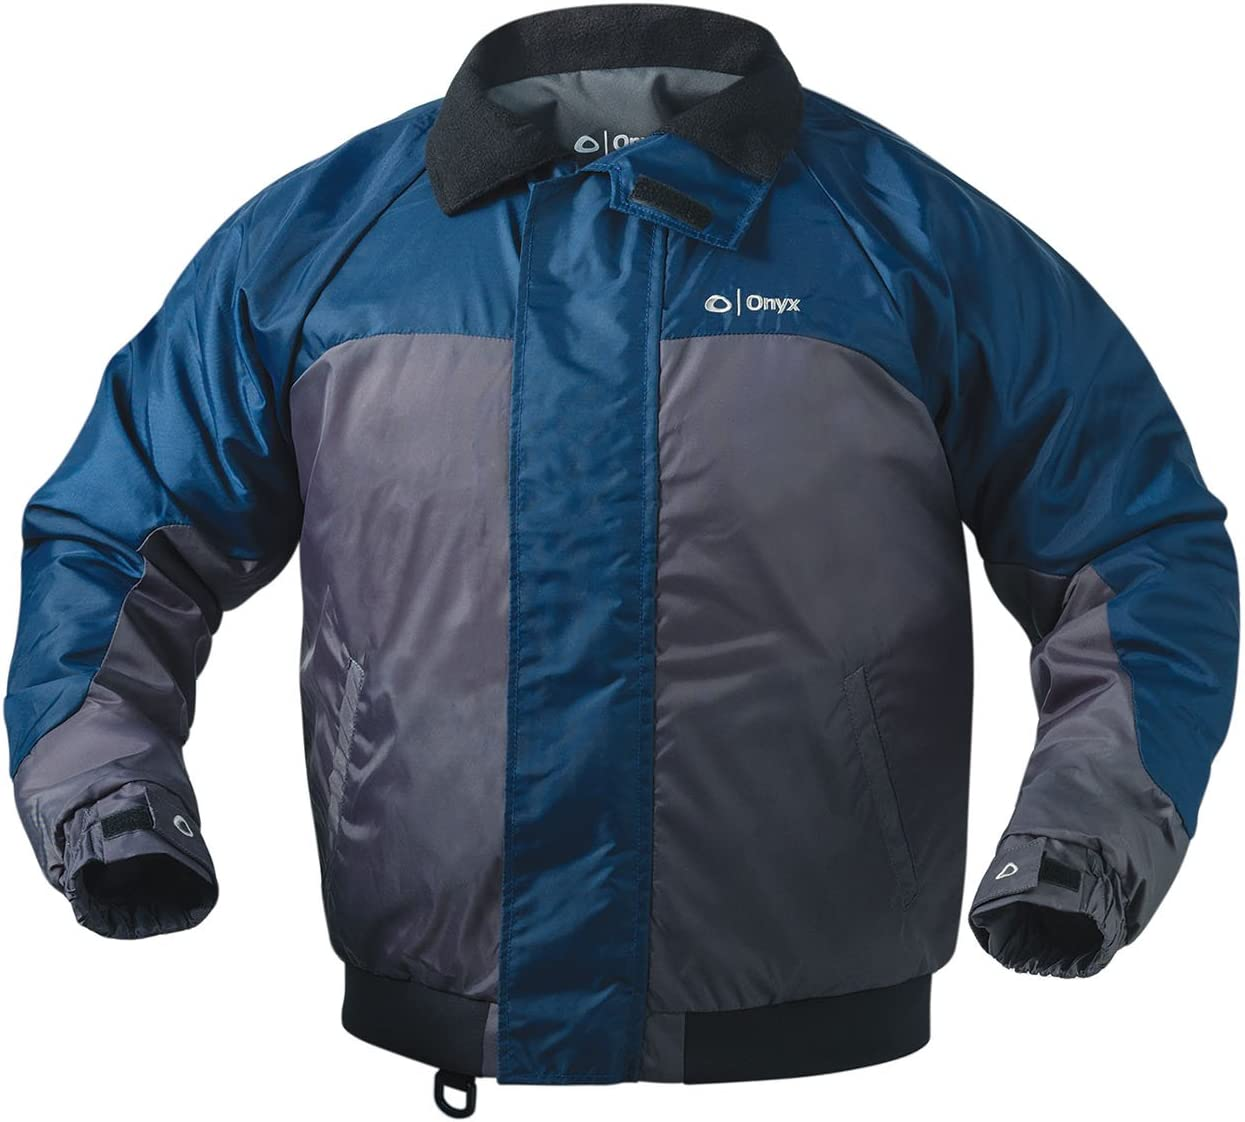 Nuevo Arctic Shield Realtree Max-5 camuflaje chaqueta de flotación